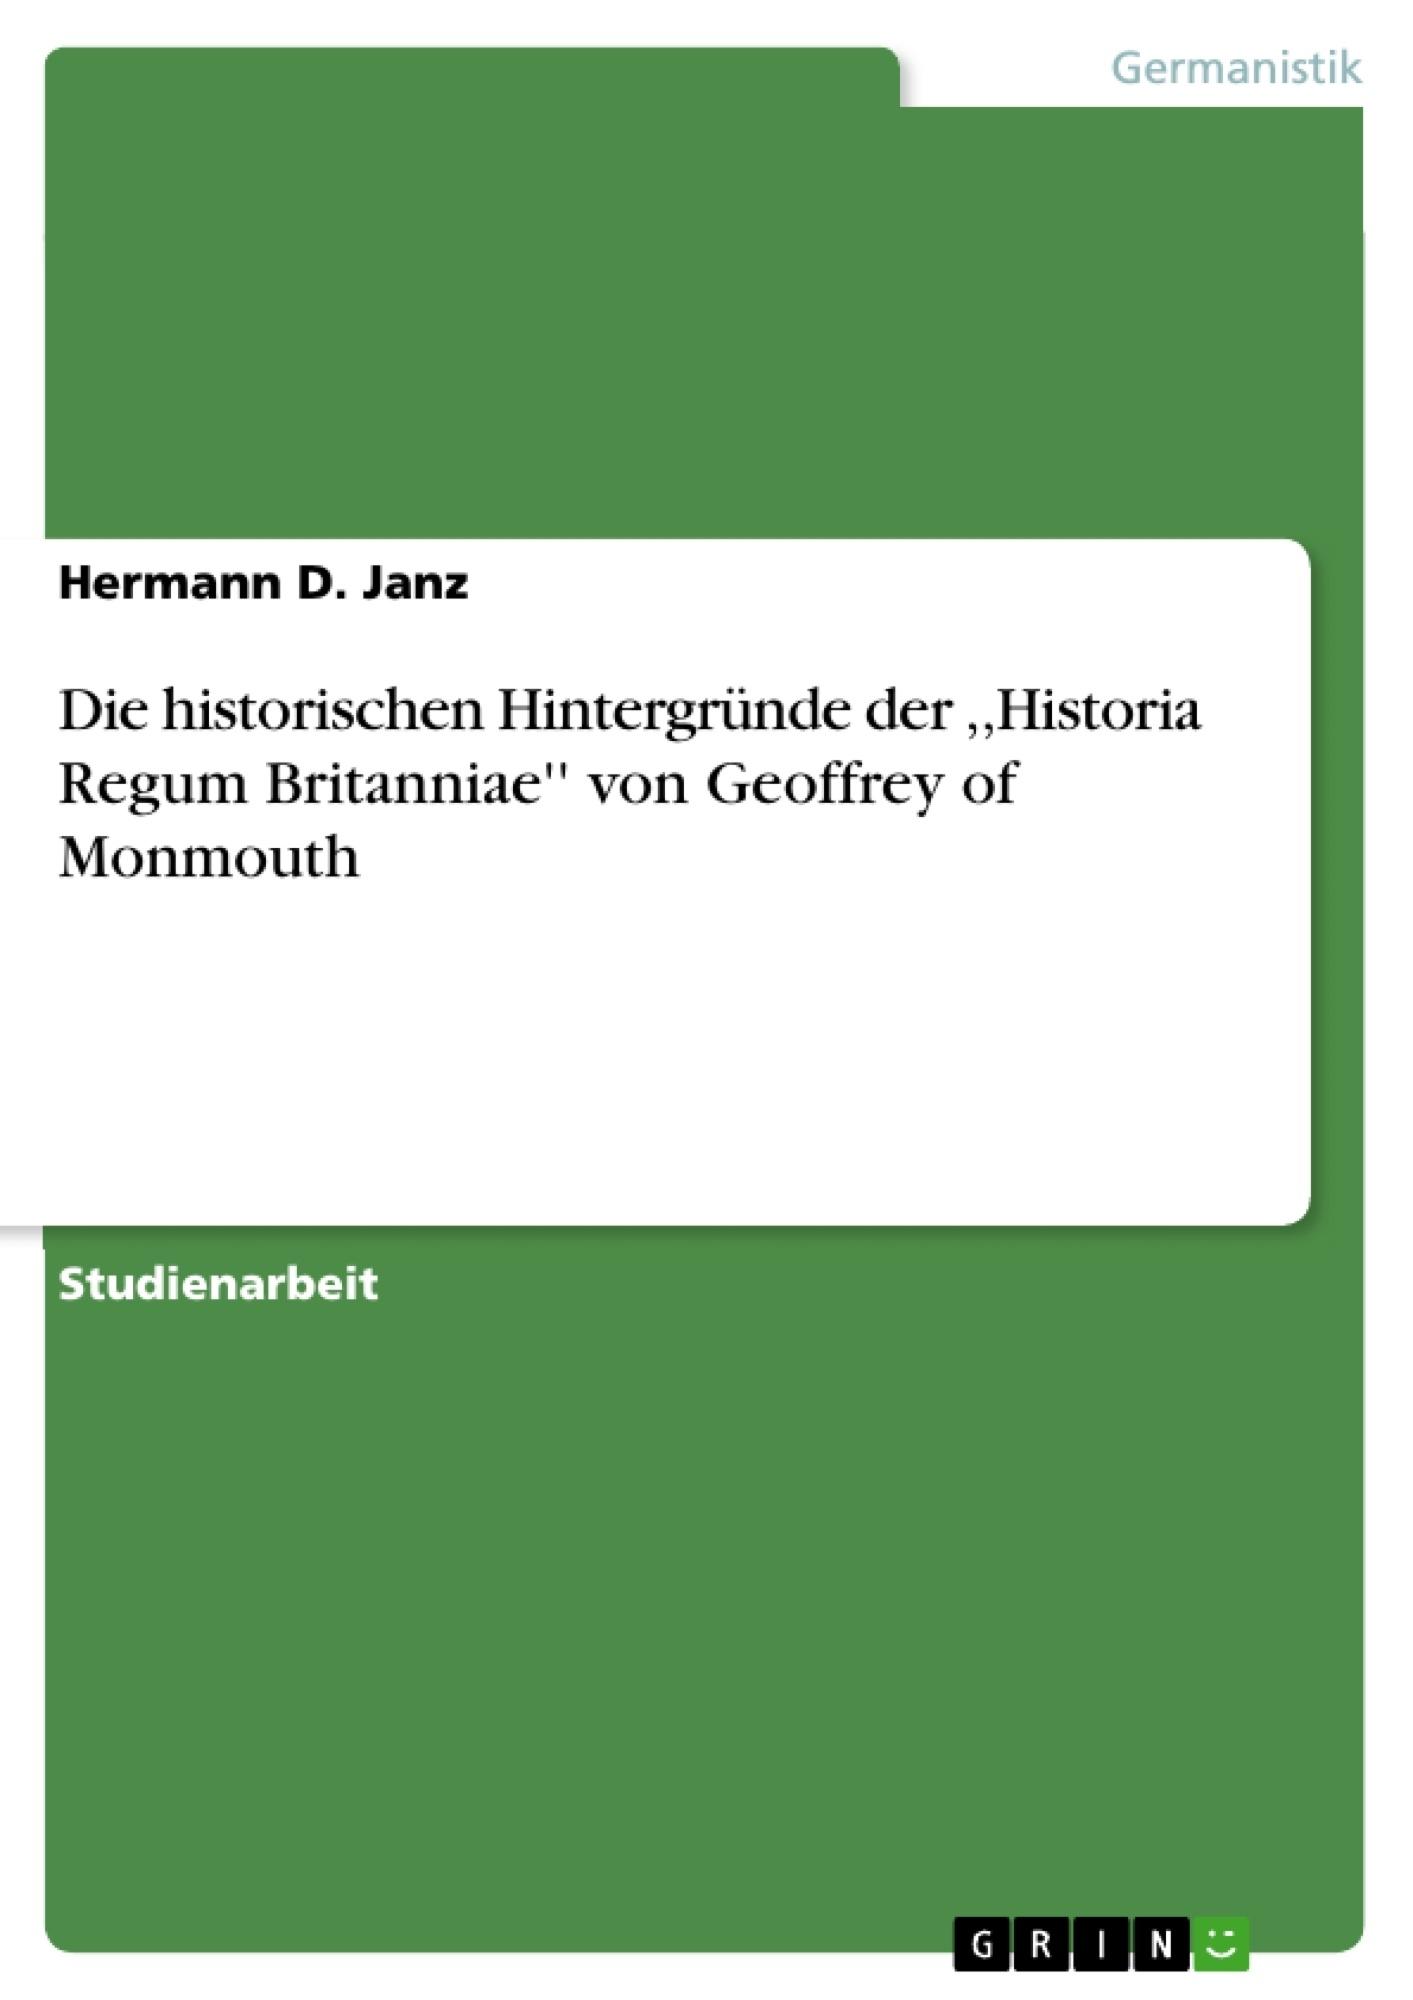 Titel: Die historischen Hintergründe der ,,Historia Regum Britanniae'' von Geoffrey of Monmouth